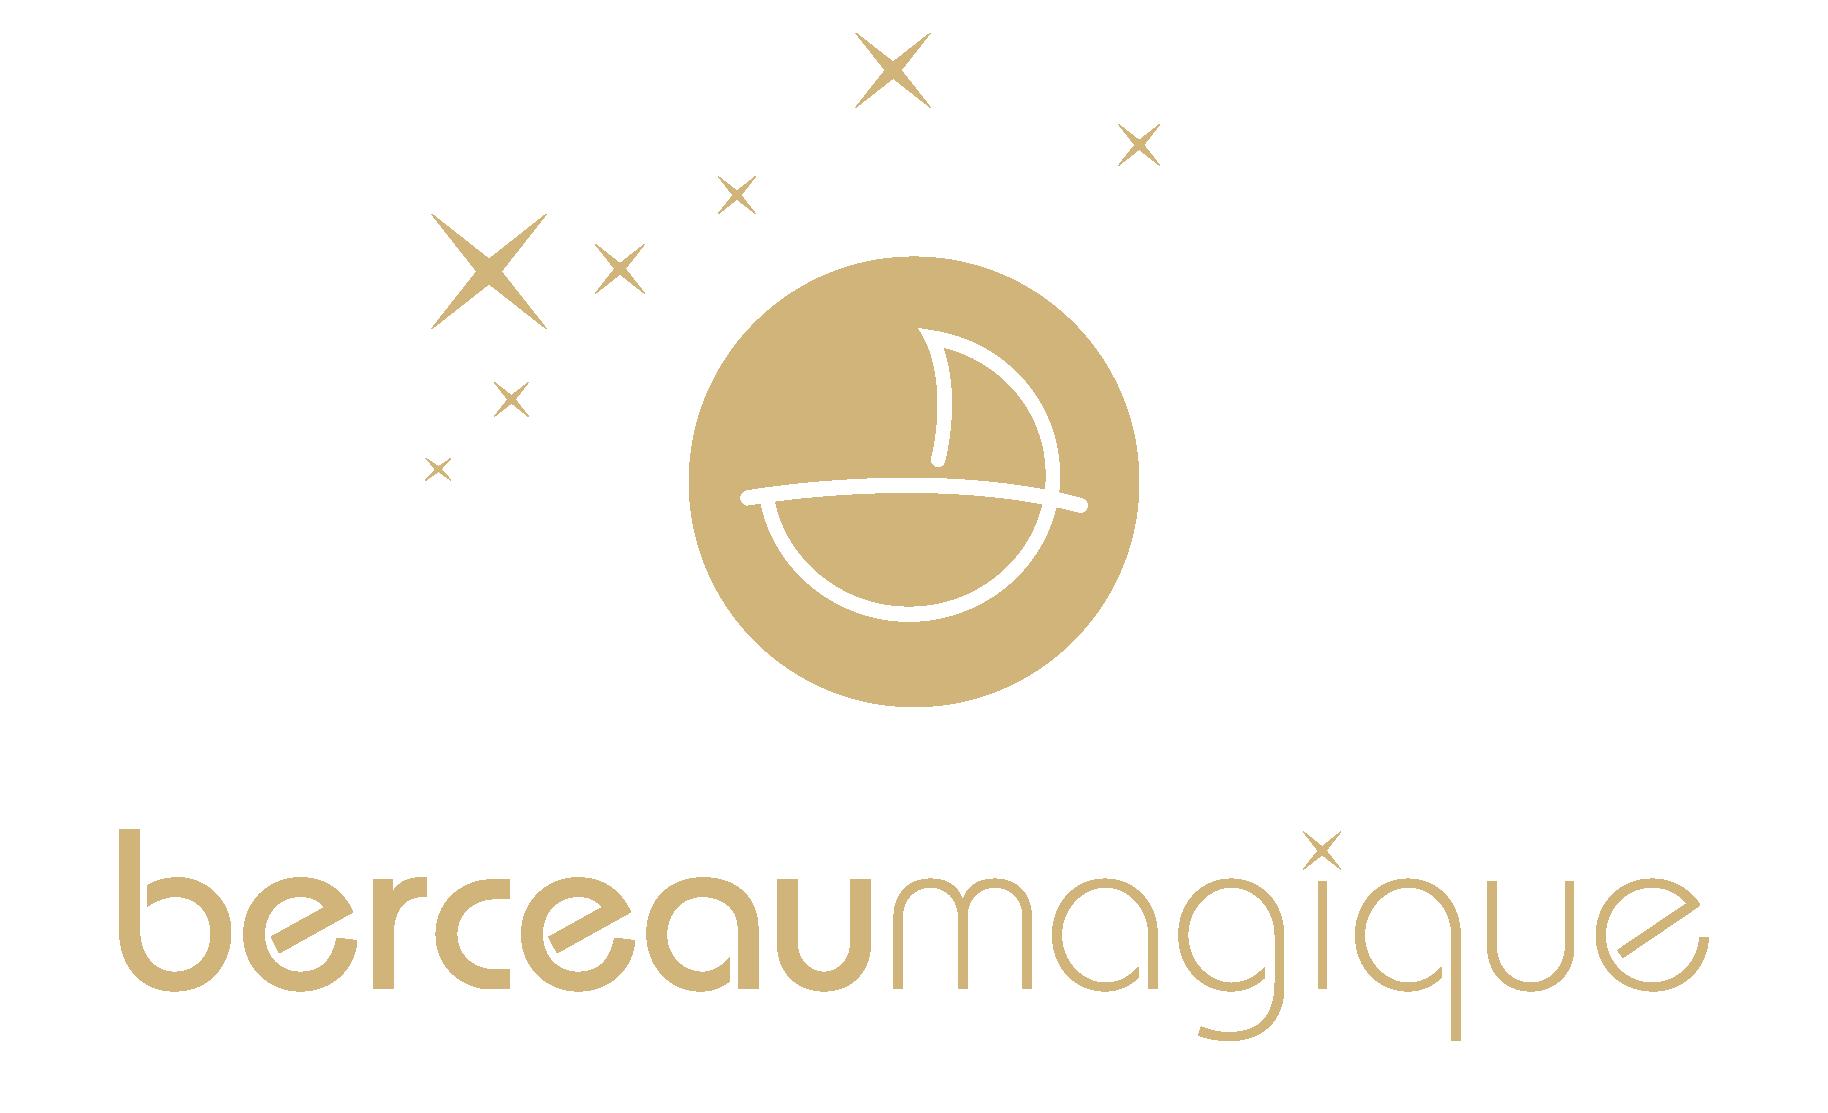 ouistitiparty 3 shopper tranquille avec berceau magique. Black Bedroom Furniture Sets. Home Design Ideas